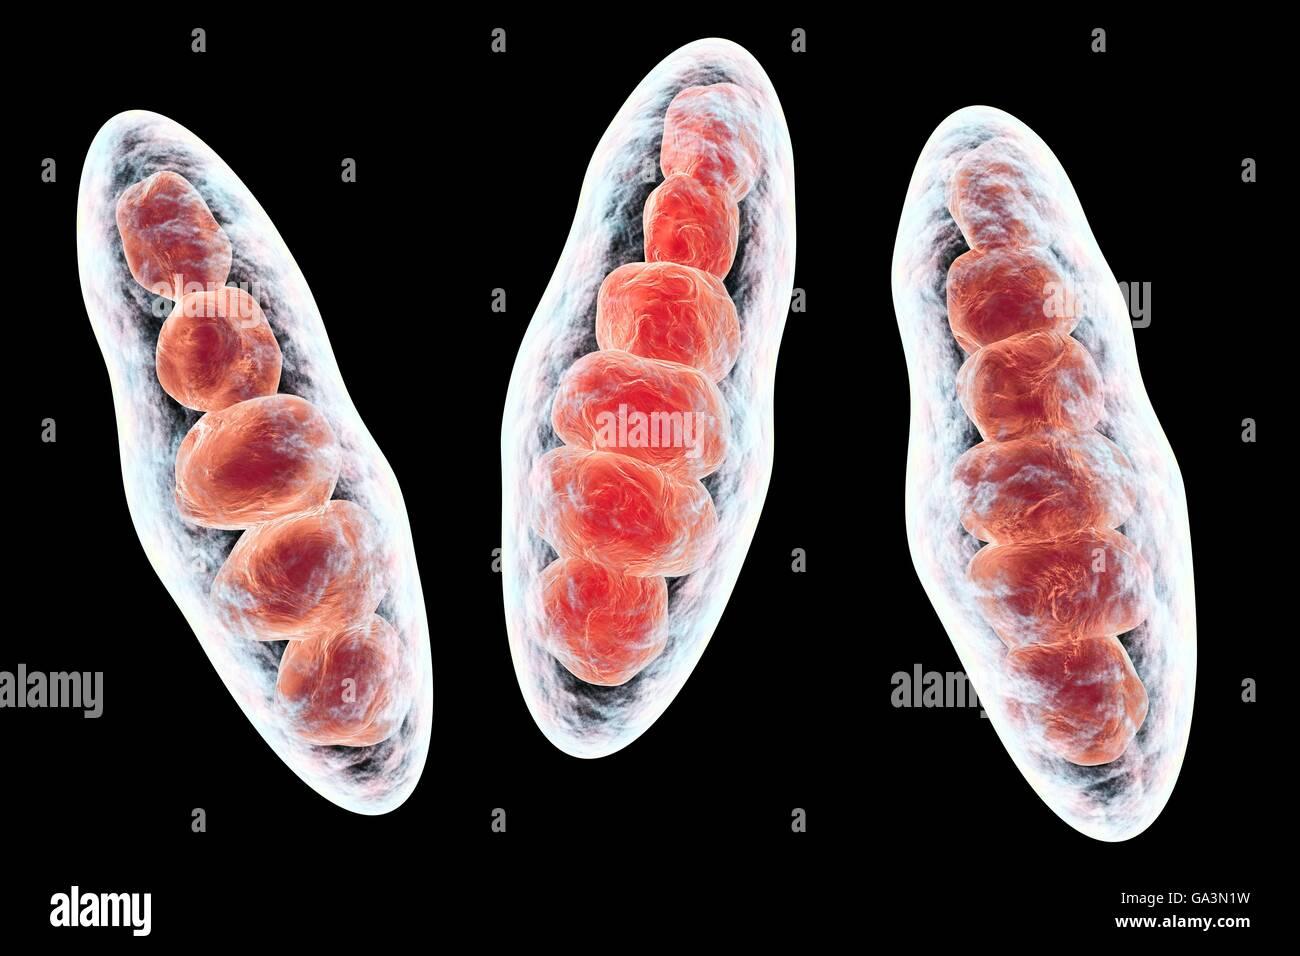 Illustration d'ordinateur de Trichophyton mentagrophytes, la cause du pied d'athlète (tinea pedis) et le cuir chevelu la Teigne (tinea capitus). Ces deux infections cutanées contagieuses sont répartis par le champignon, les spores (rouge). T. mentagrophytes est une des nombreuses espèces de champignons qui peuvent se développer dans la peau, causant l'inflammation et les démangeaisons. Le pied de l'athlète et la teigne sont traités avec des médicaments antifongiques. Les macroconidies sont vus ici (organismes multi-cellulaires contenant des spores). Banque D'Images